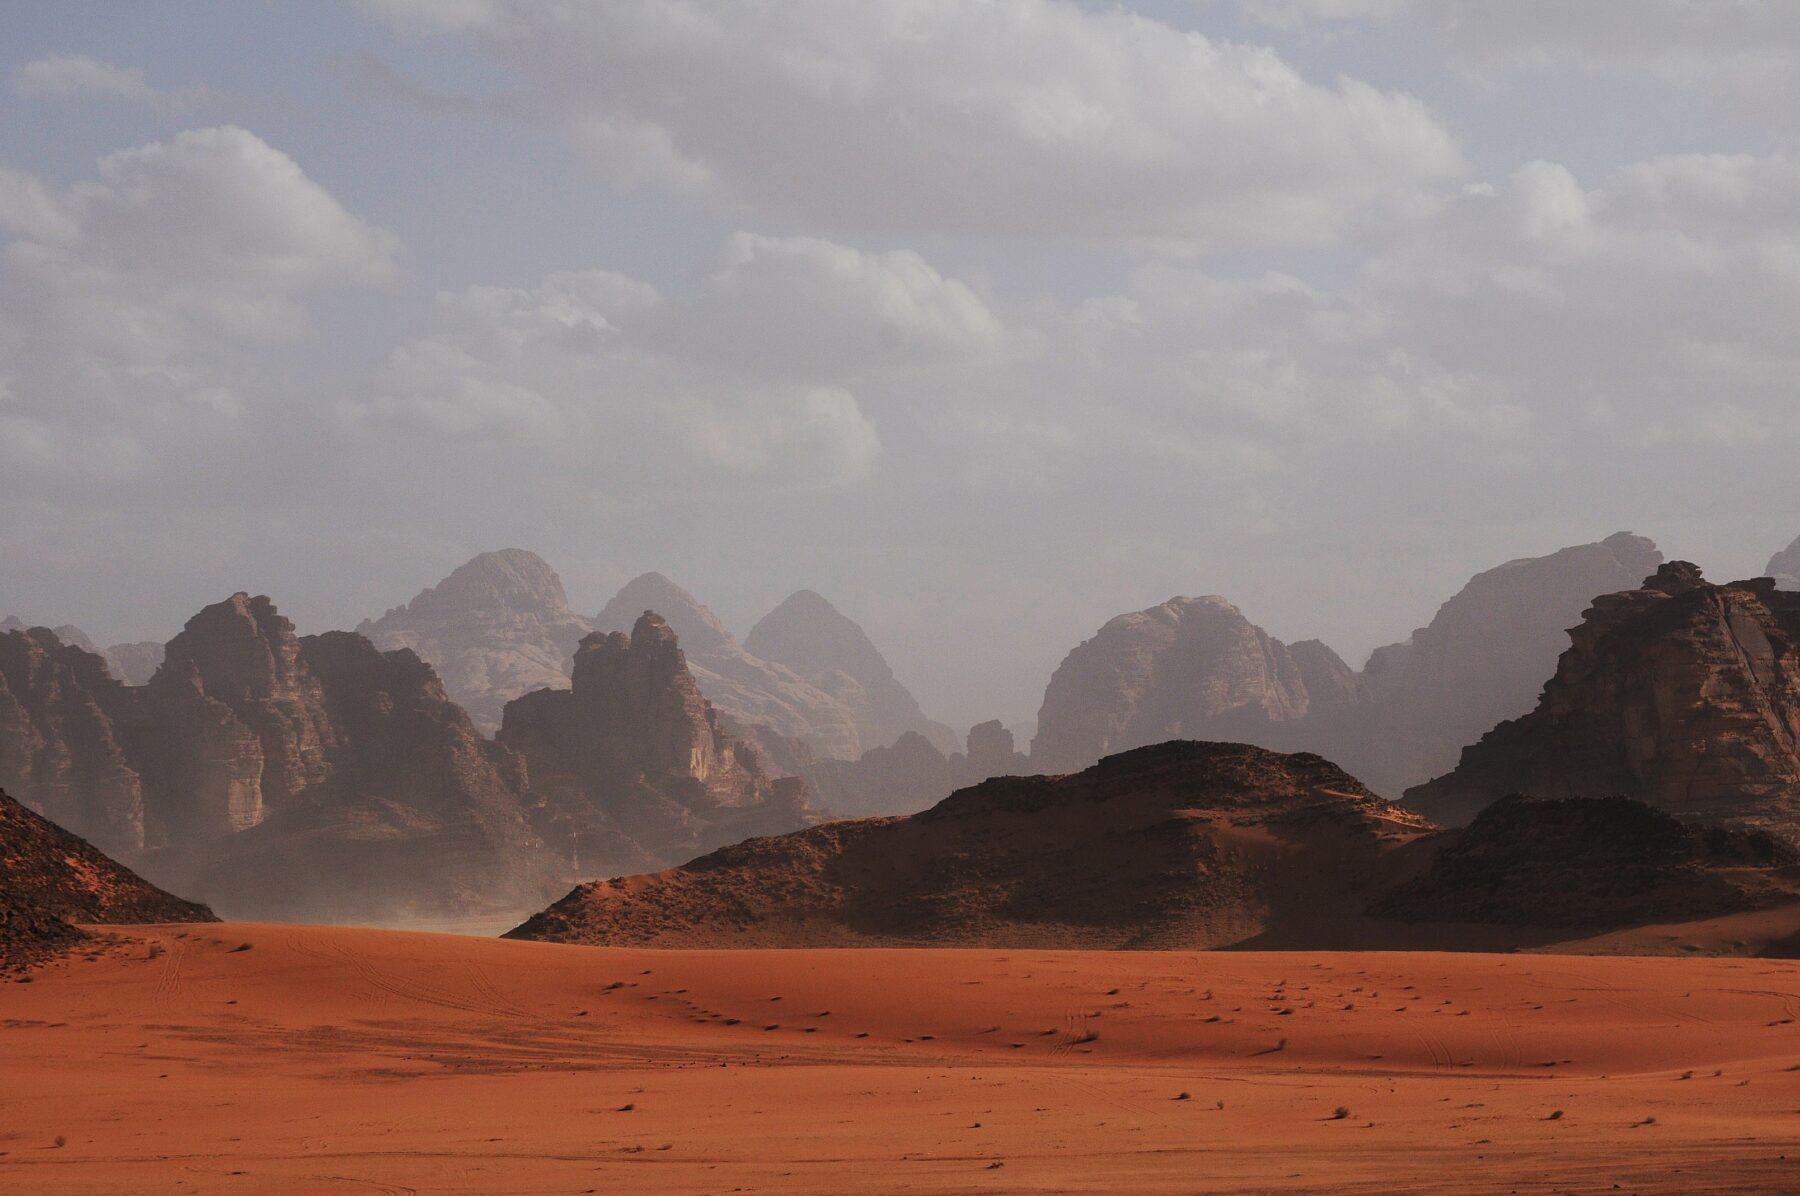 Jordanië woestijn